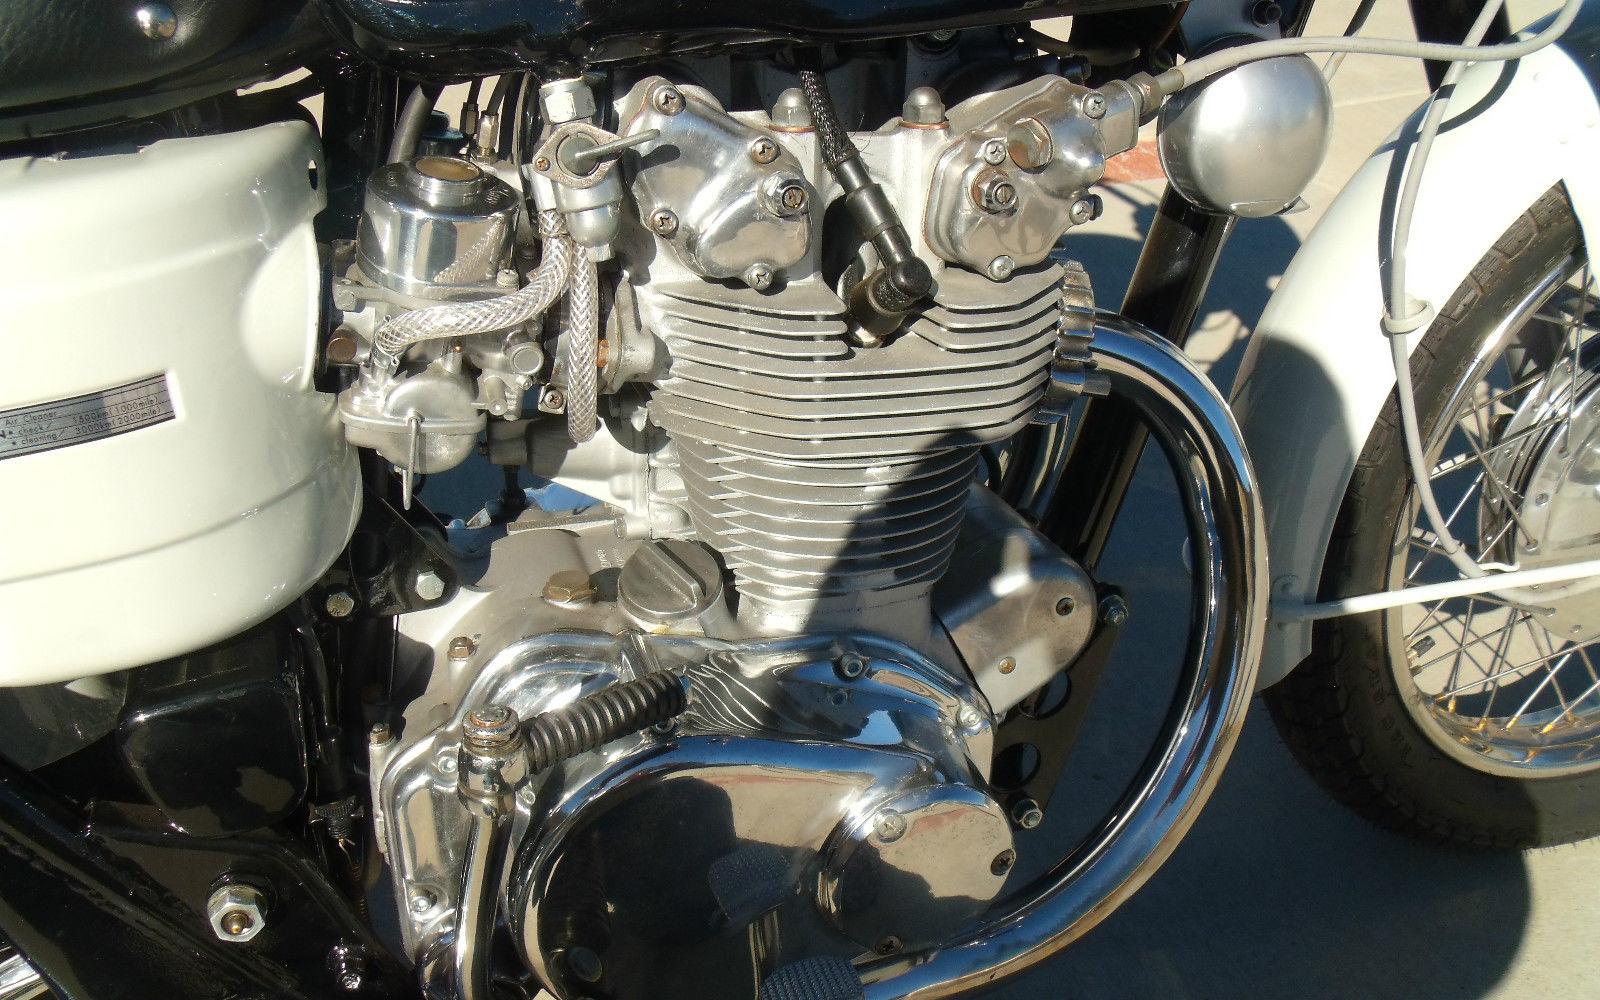 Honda CB450 Black Bomber - 1967 - Motor and Transmission, Cylinder Head, Spark Plug and Carburettor.